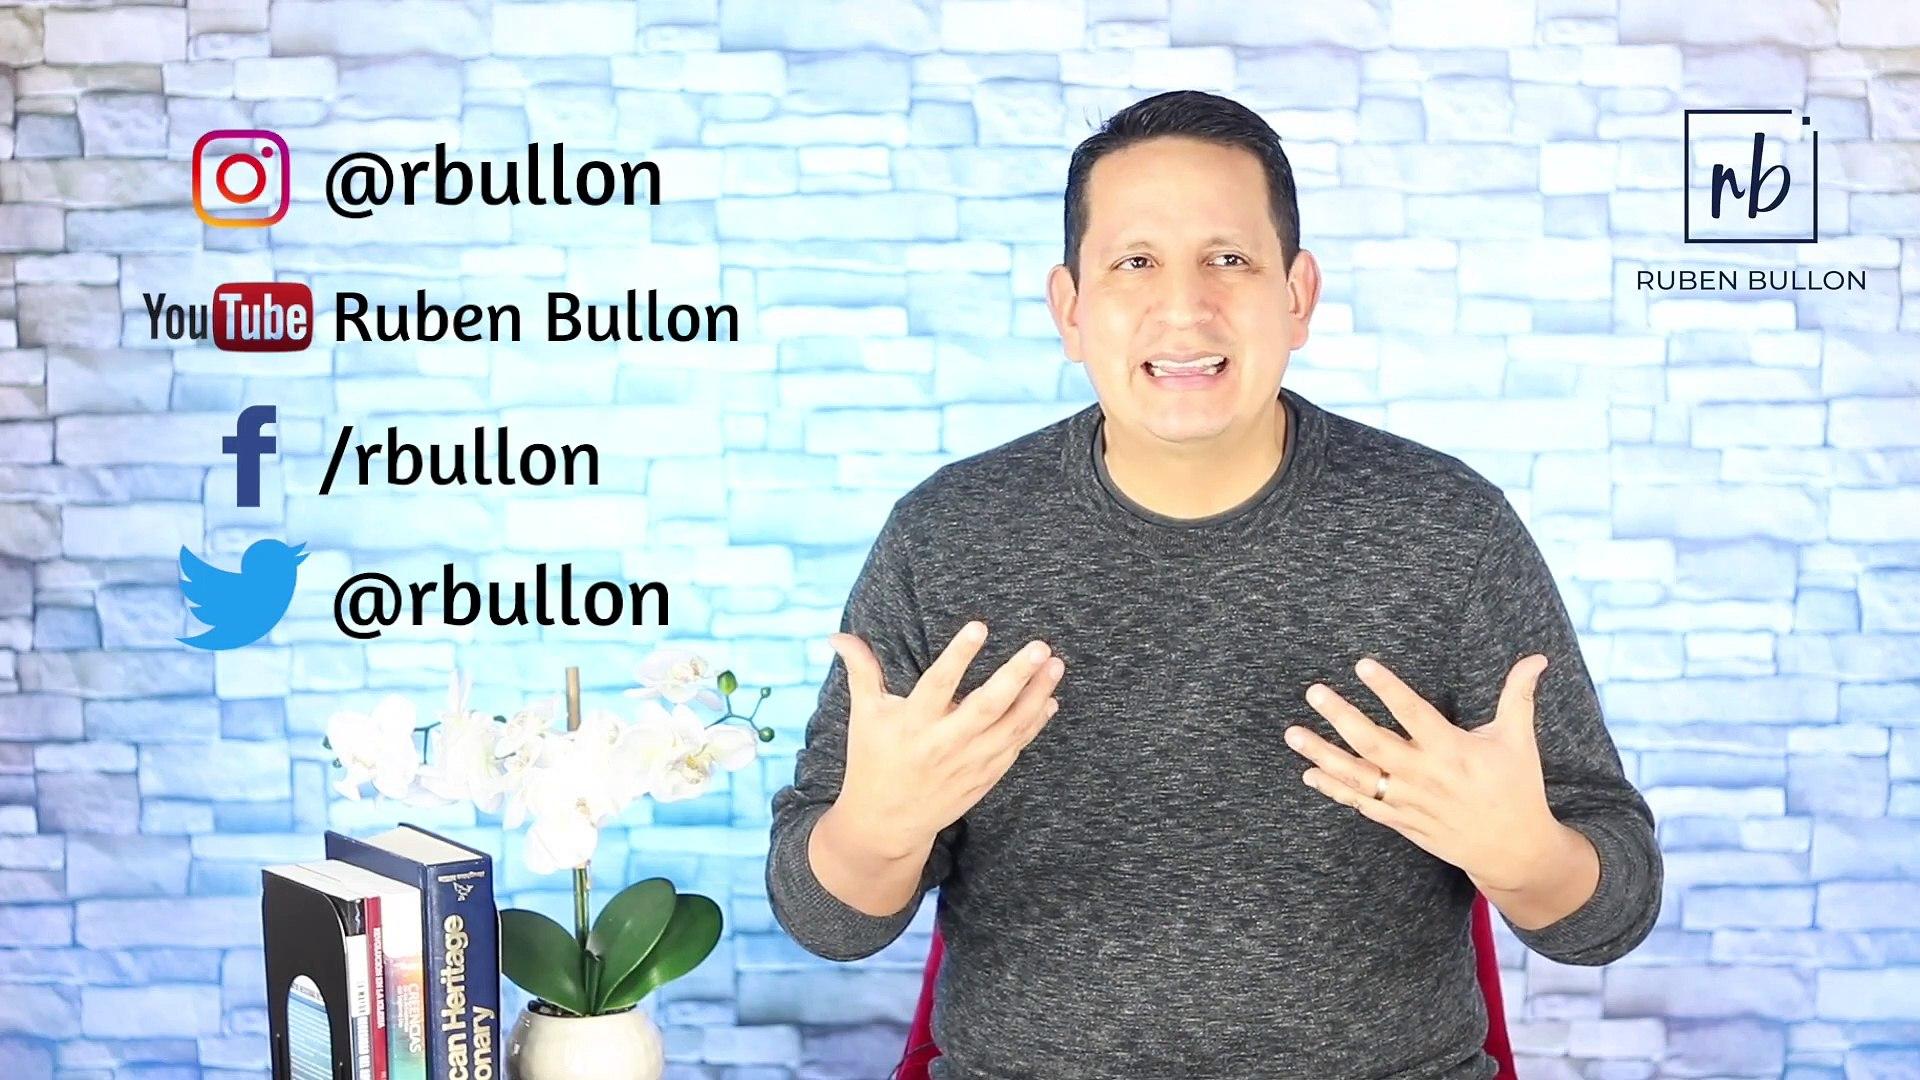 Lección 10: Adoración a Dios - Pr. Ruben Bullón